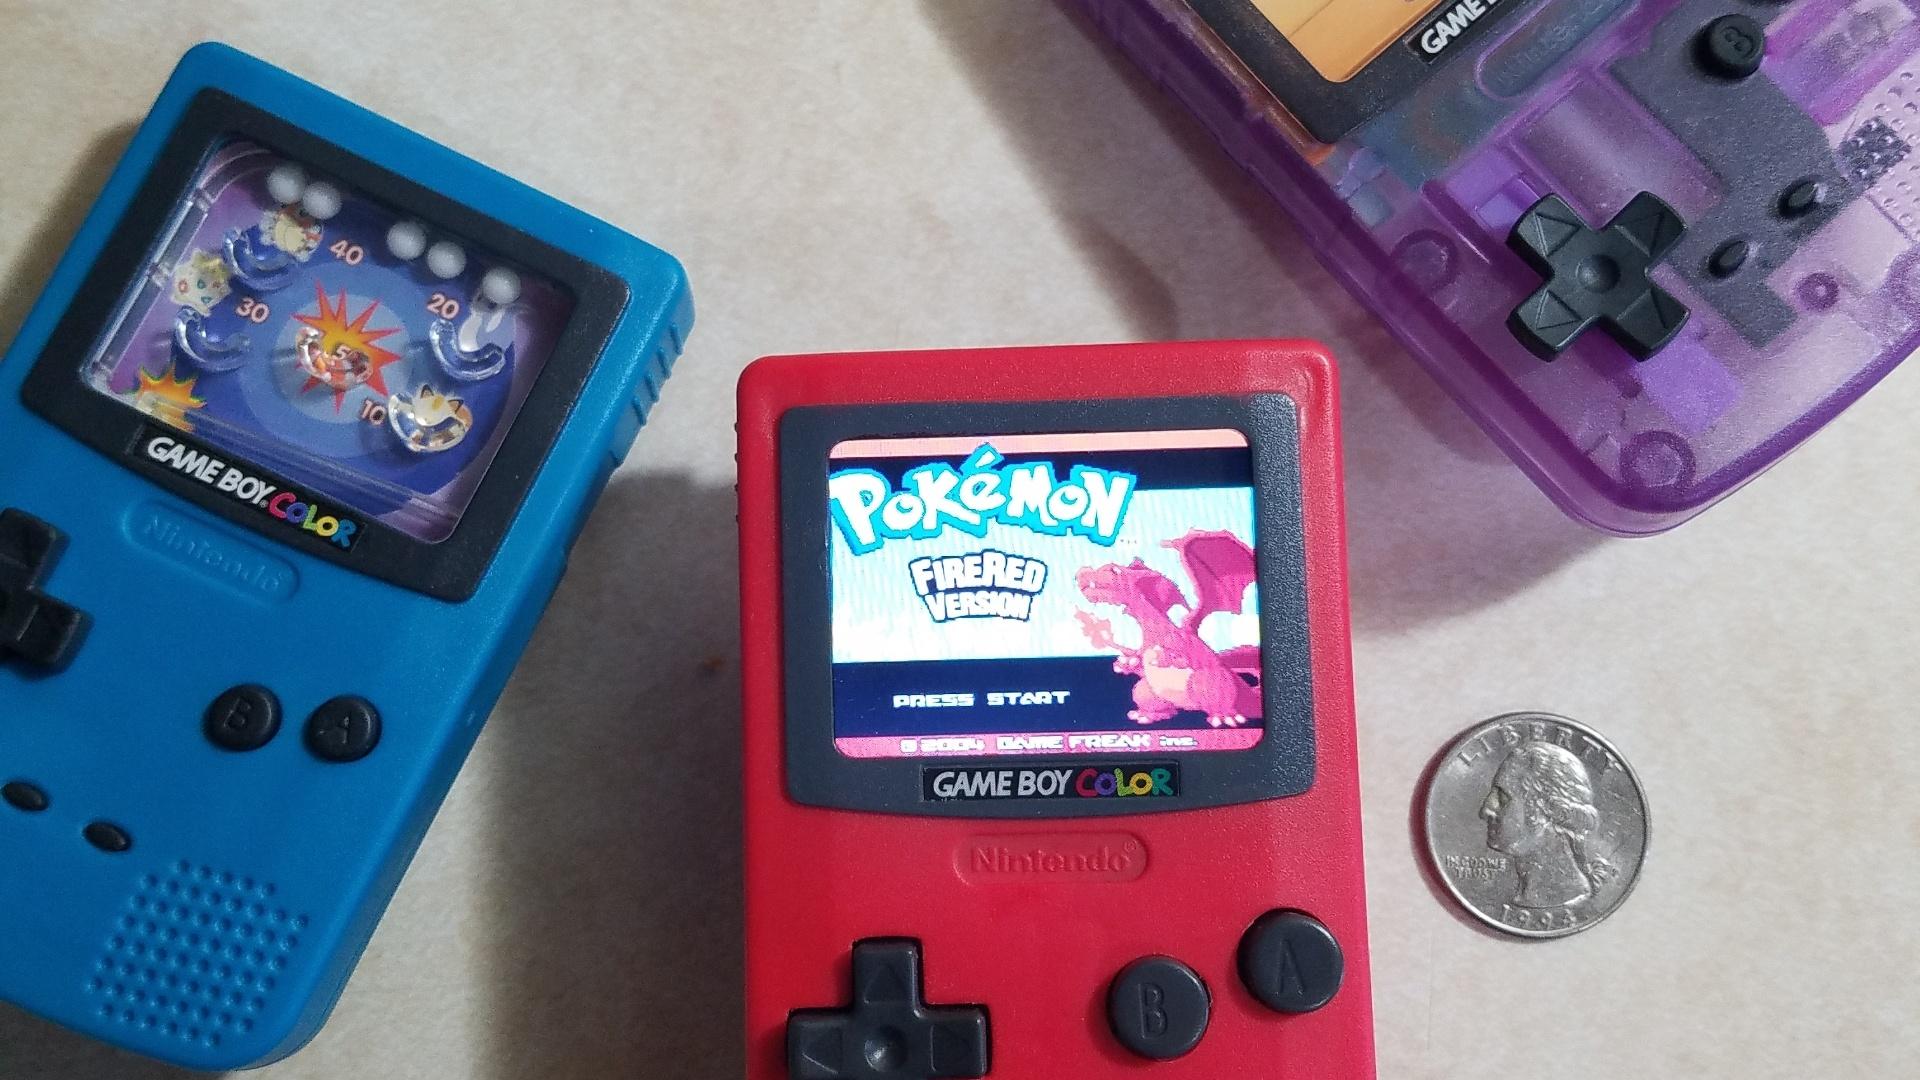 Game boy color quanto custa - F Transforma Brinde Do Burger King Em Game Boy Miniatura 06 06 2016 Uol Jogos